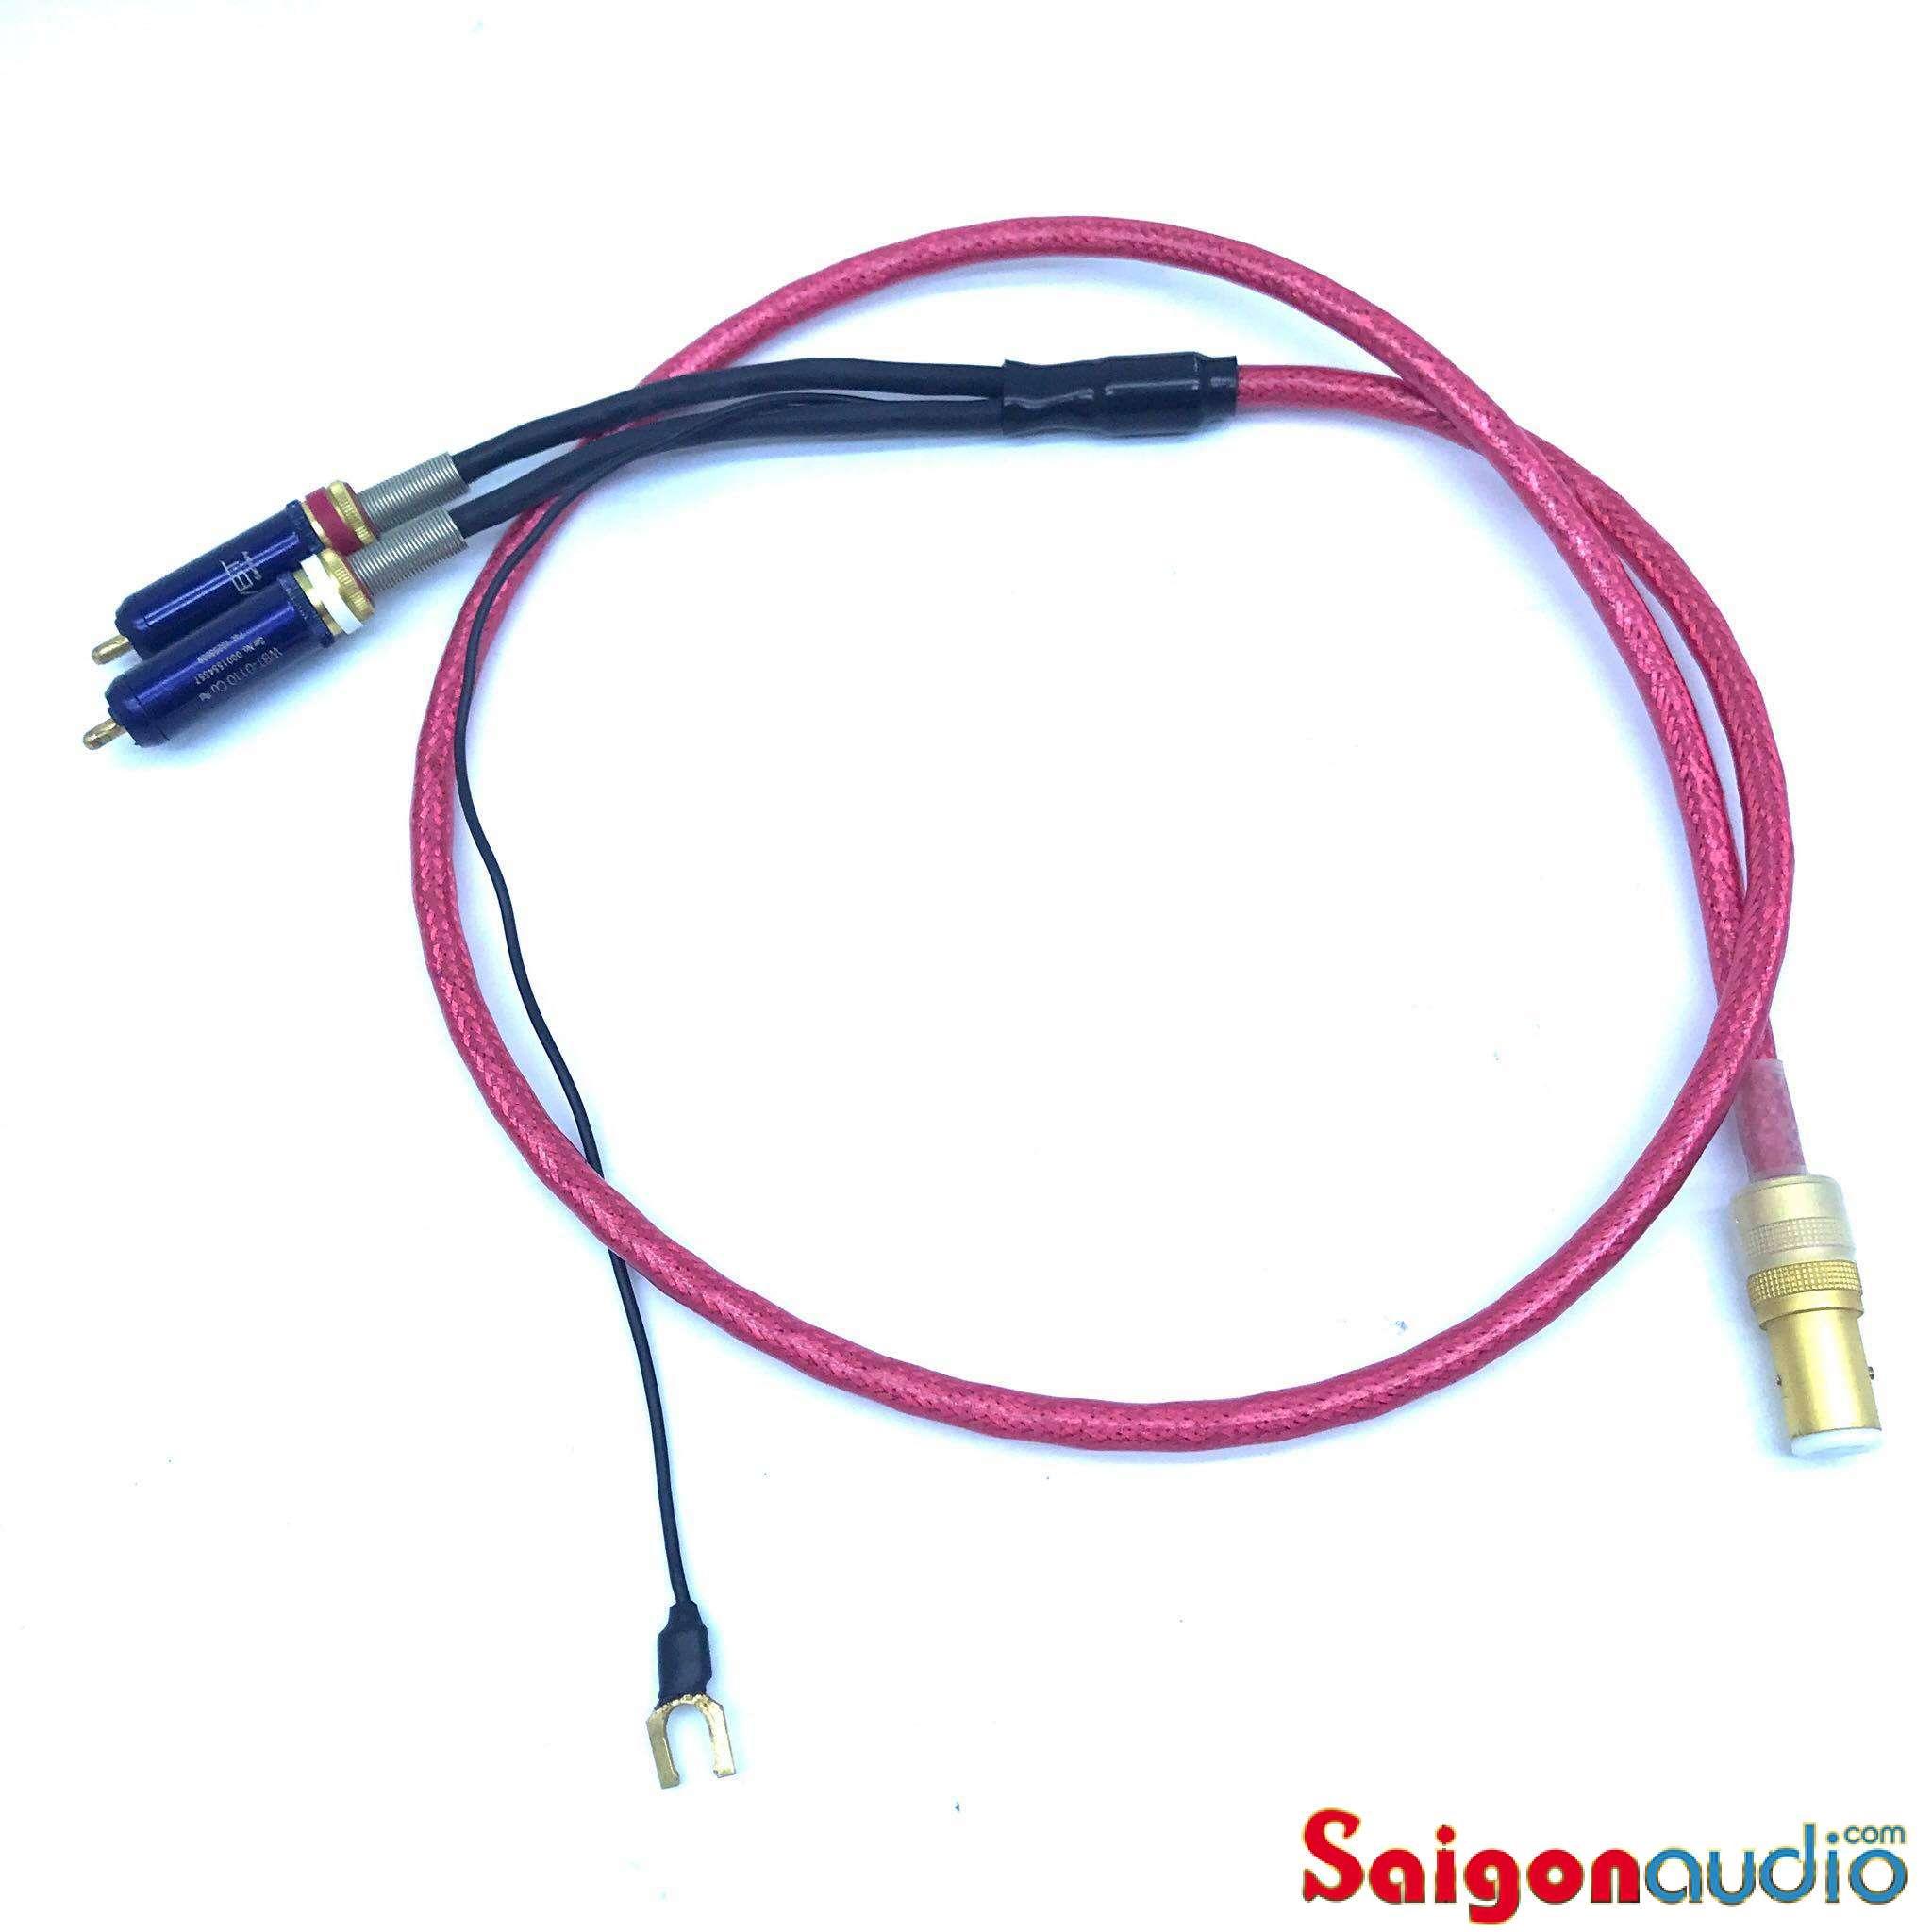 Dây phono Nordost HEIMDALL 2 (RCA > RCA, 5 PIN > RCA) | 1m